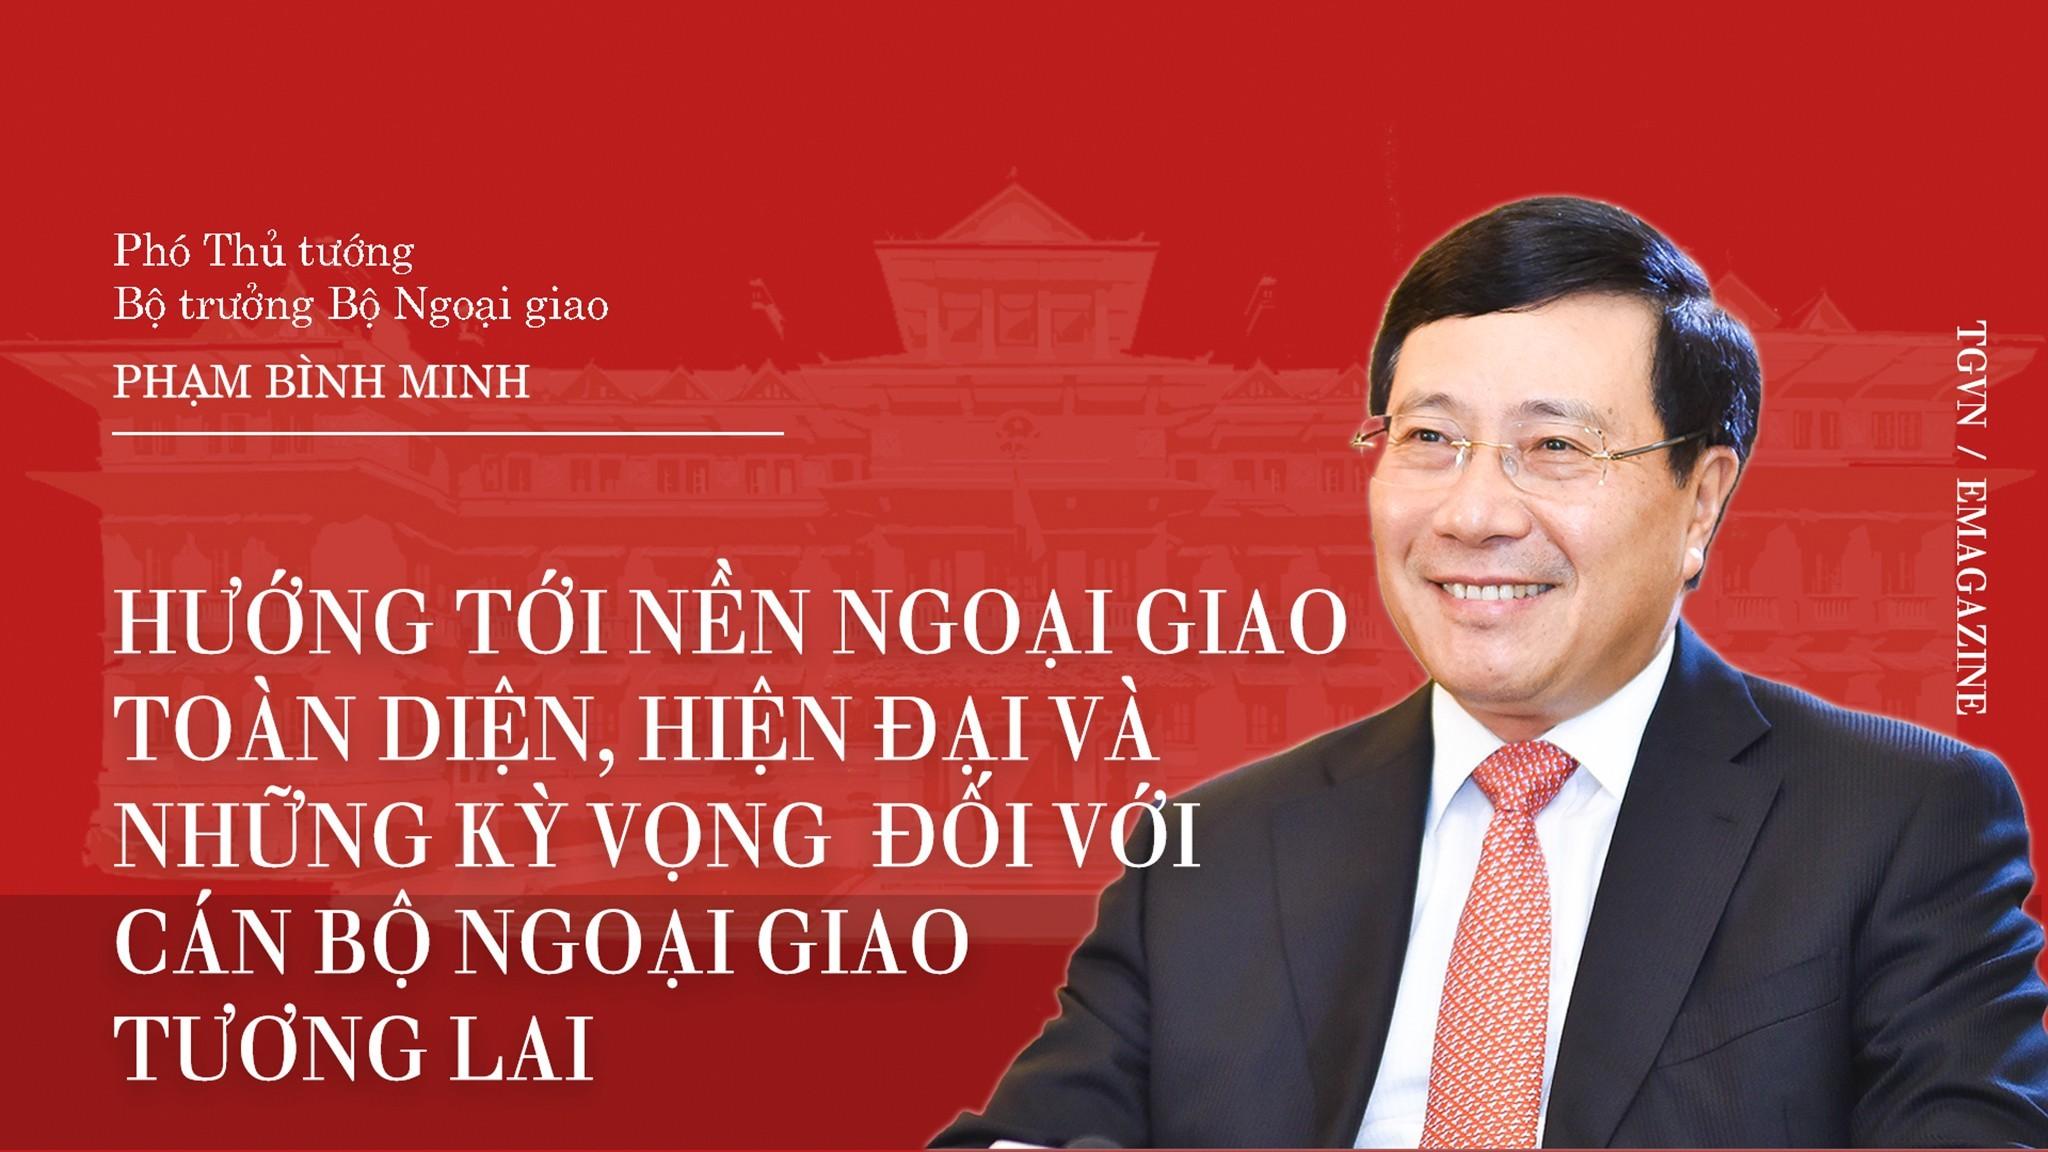 Ngoại giao Việt Nam: Hướng tới nền ngoại giao toàn diện, hiện đại và những kỳ vọng đối với cán bộ ngoại giao tương lai